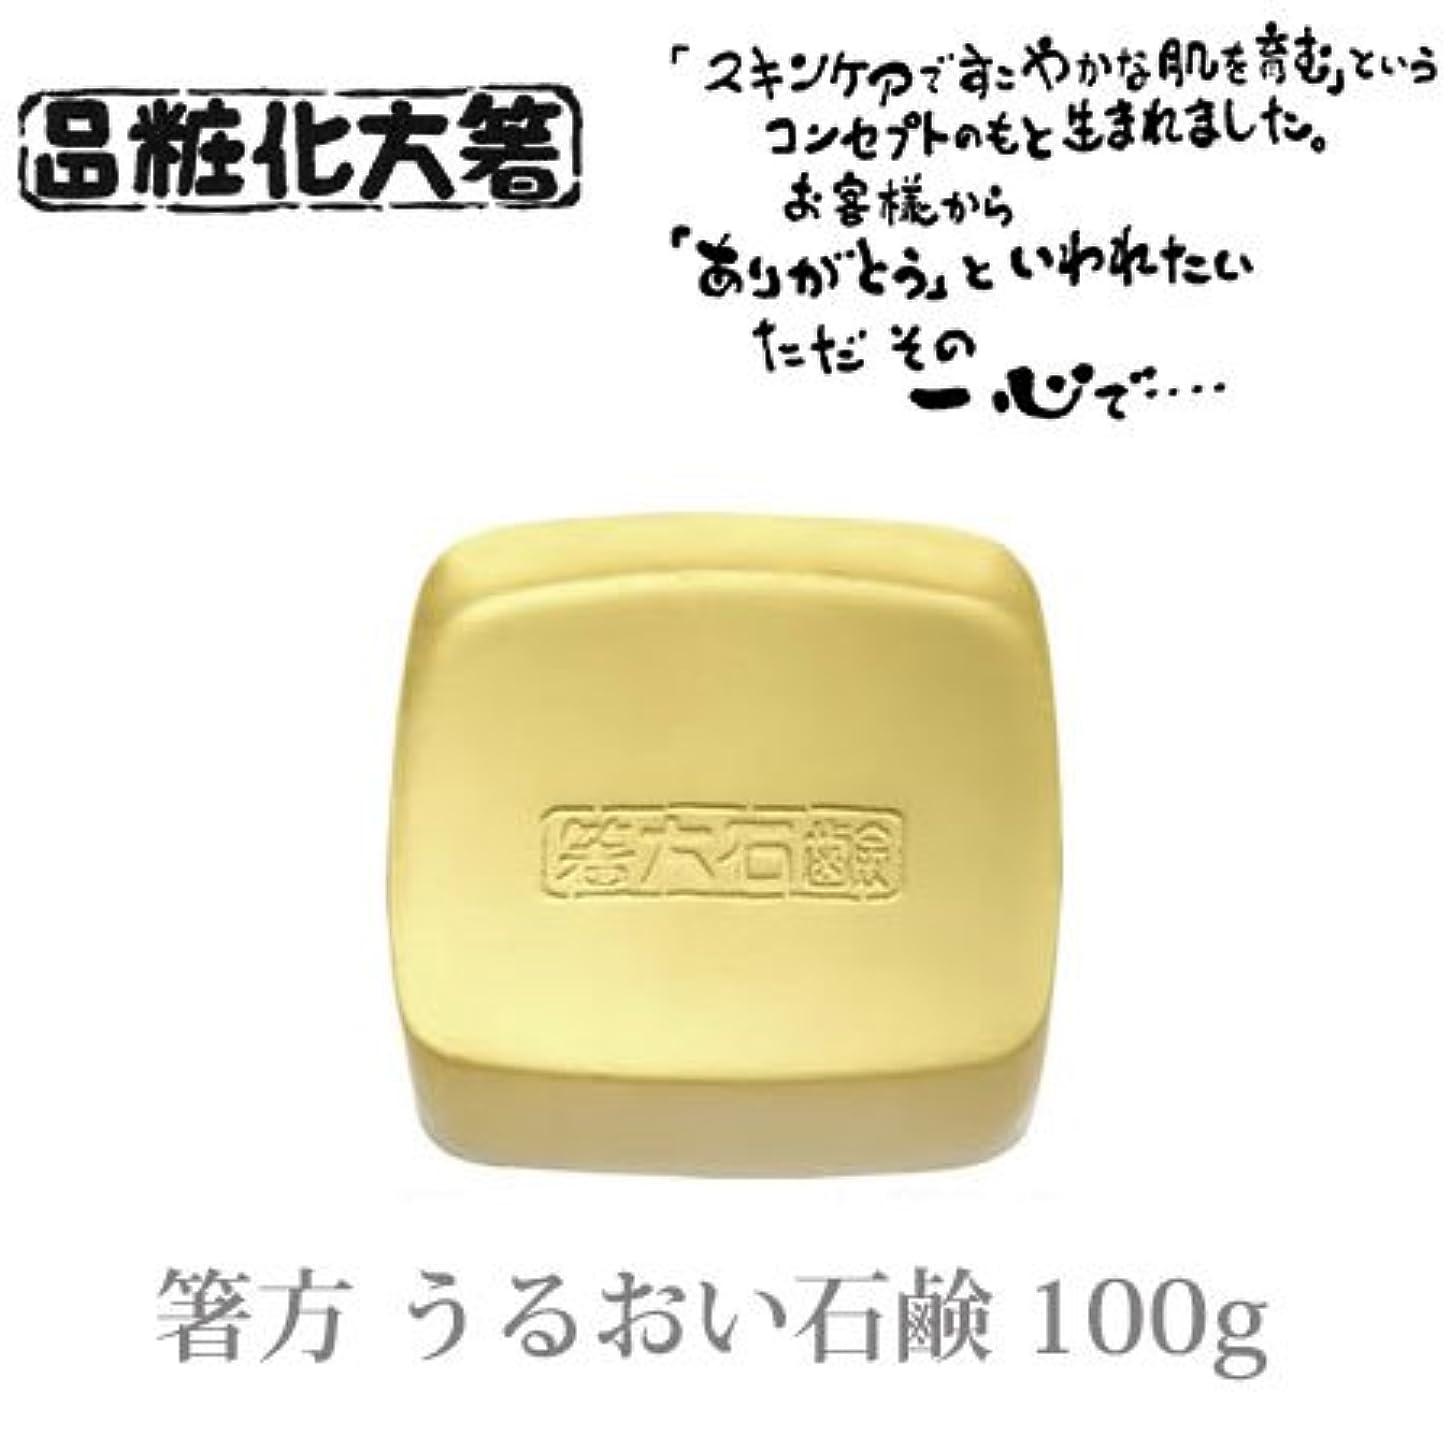 ラッチクランプ統合する箸方化粧品 うるおい石鹸 100g はしかた化粧品